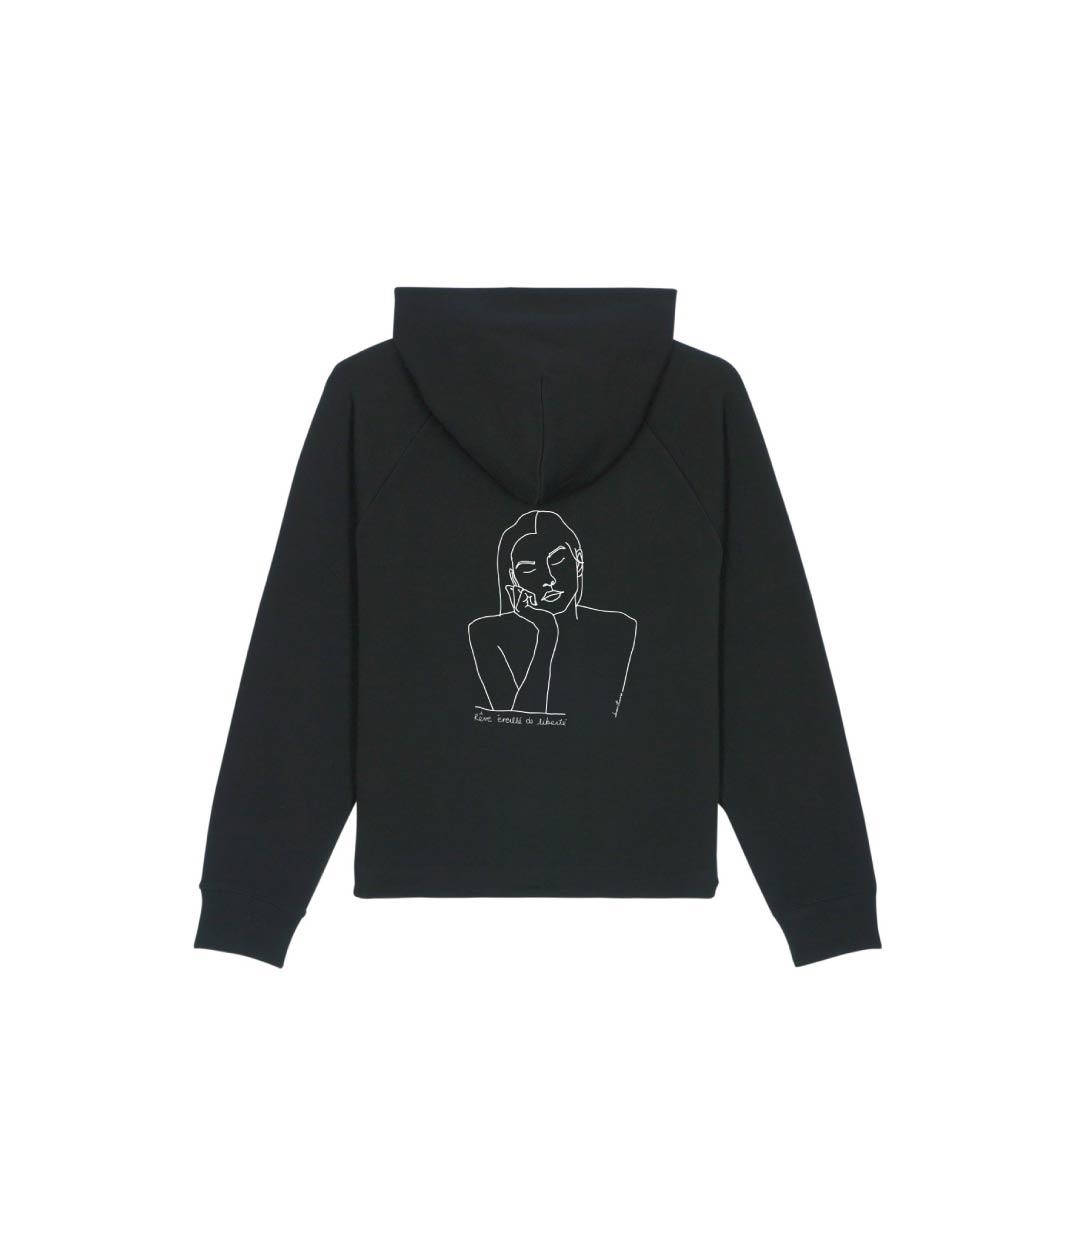 mockup sweatshirt noir à capuche avec dessin themis